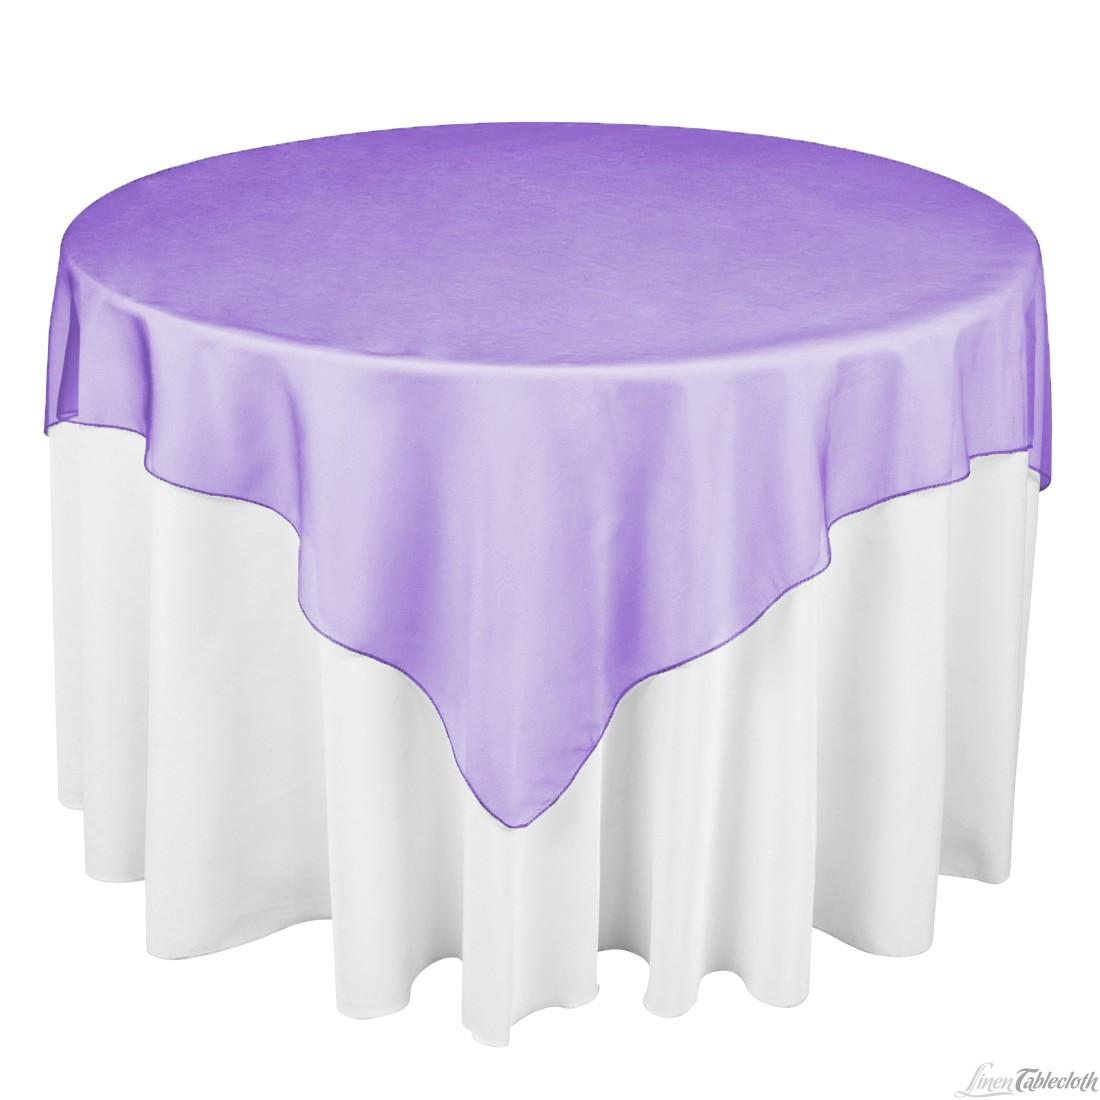 72 Square Purple Organza Over 120 Round Elegance Designs